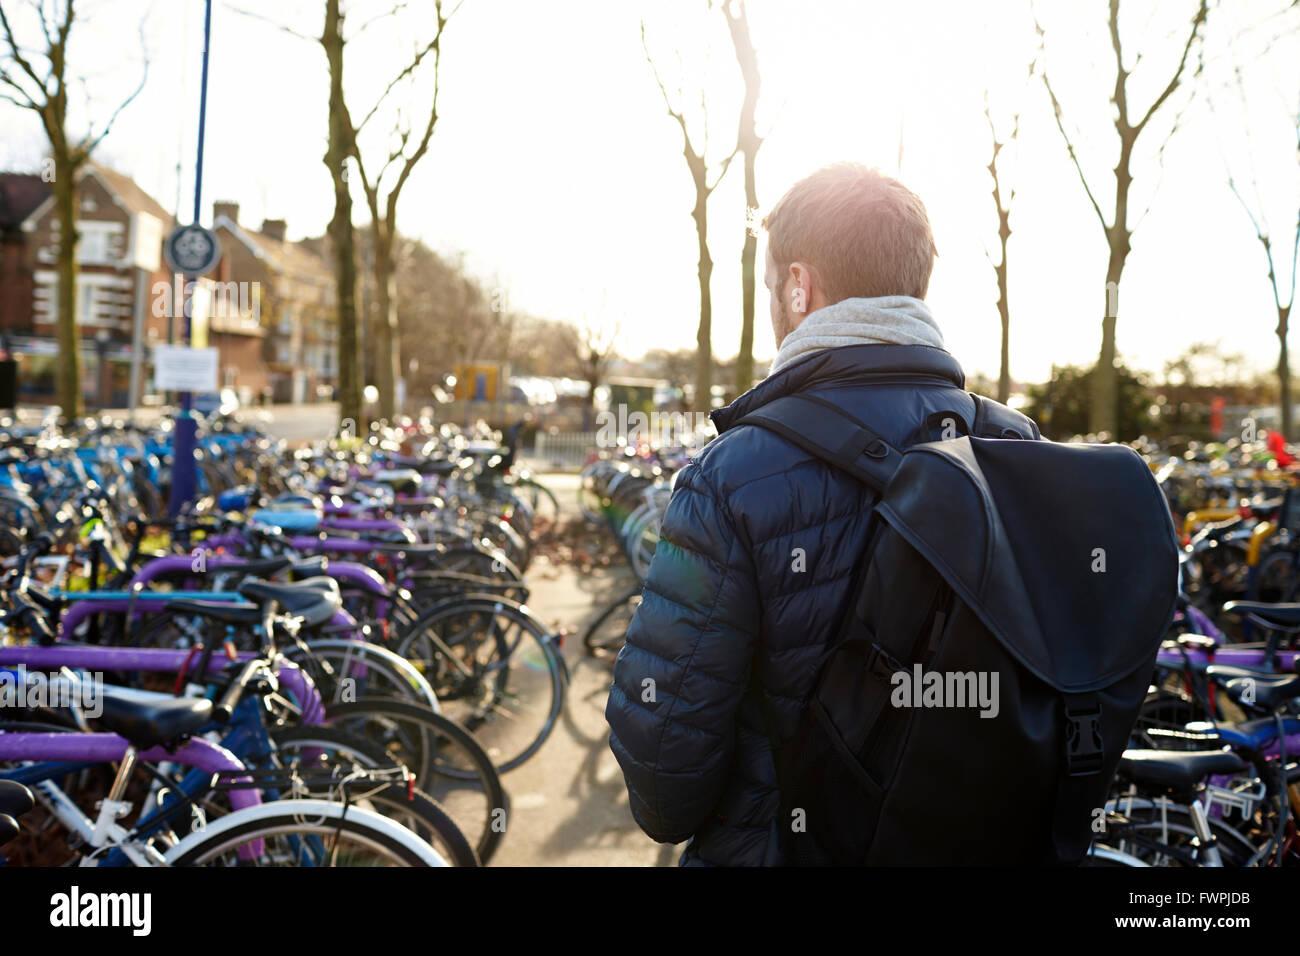 Vista posteriore dell'uomo lasciando Bike nel Parco del ciclo a Rail Station Immagini Stock